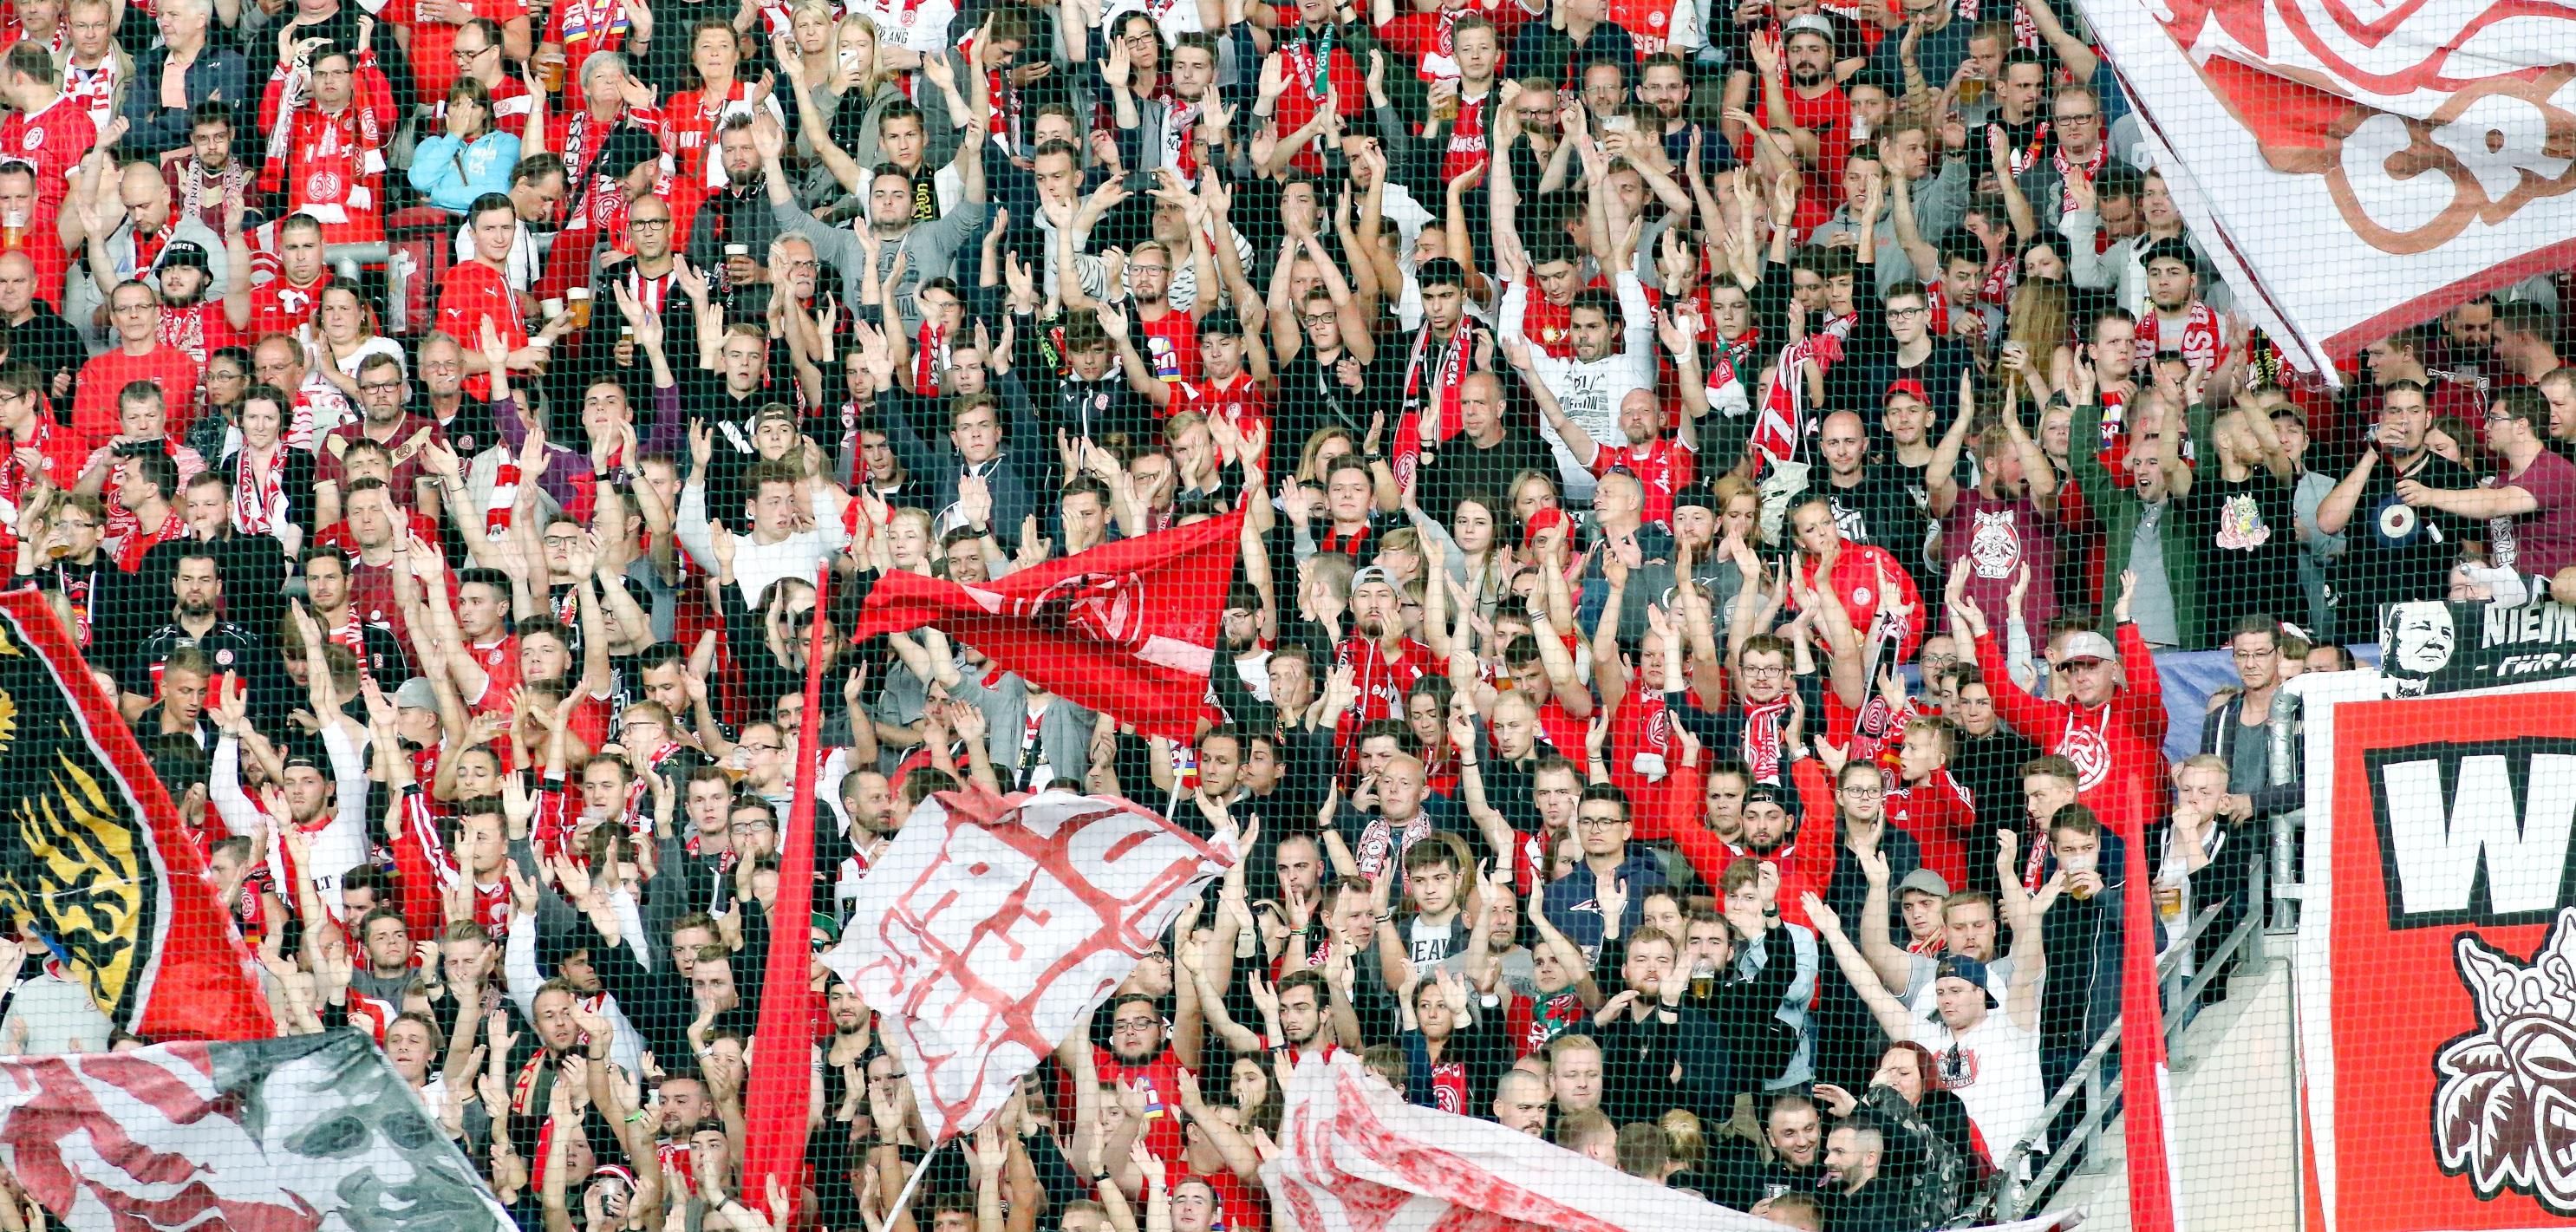 Am Samstag spielt Rot-Weiss Essen gegen den Tabellenelften SV Straelen. (Foto: Endberg)